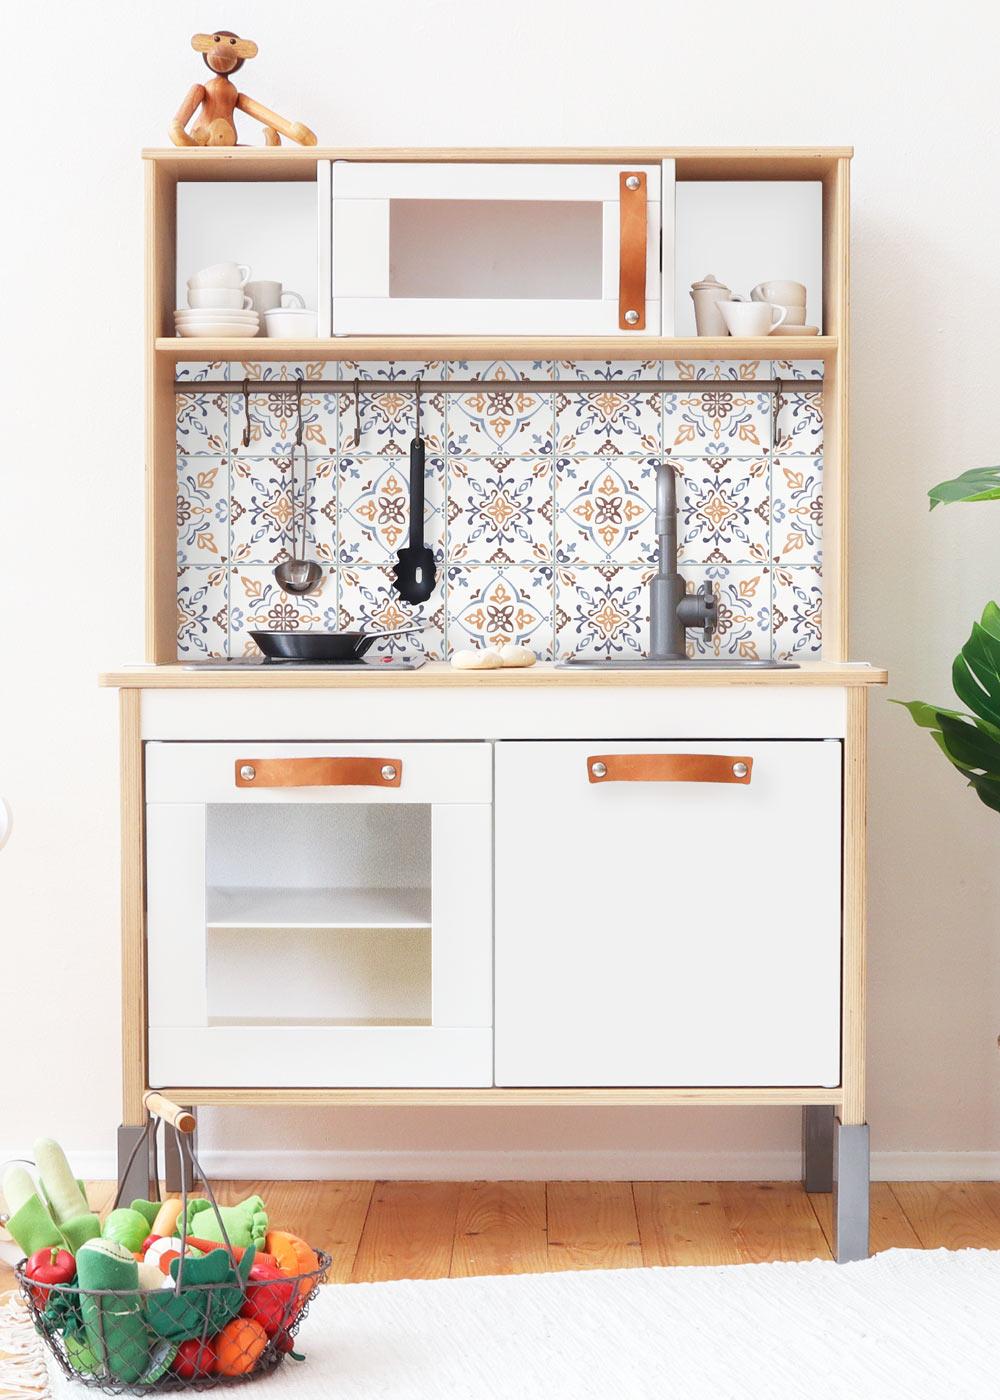 Ikea Duktig Kinderküche Kachla Mediterano Nordisch blau Komplettansicht